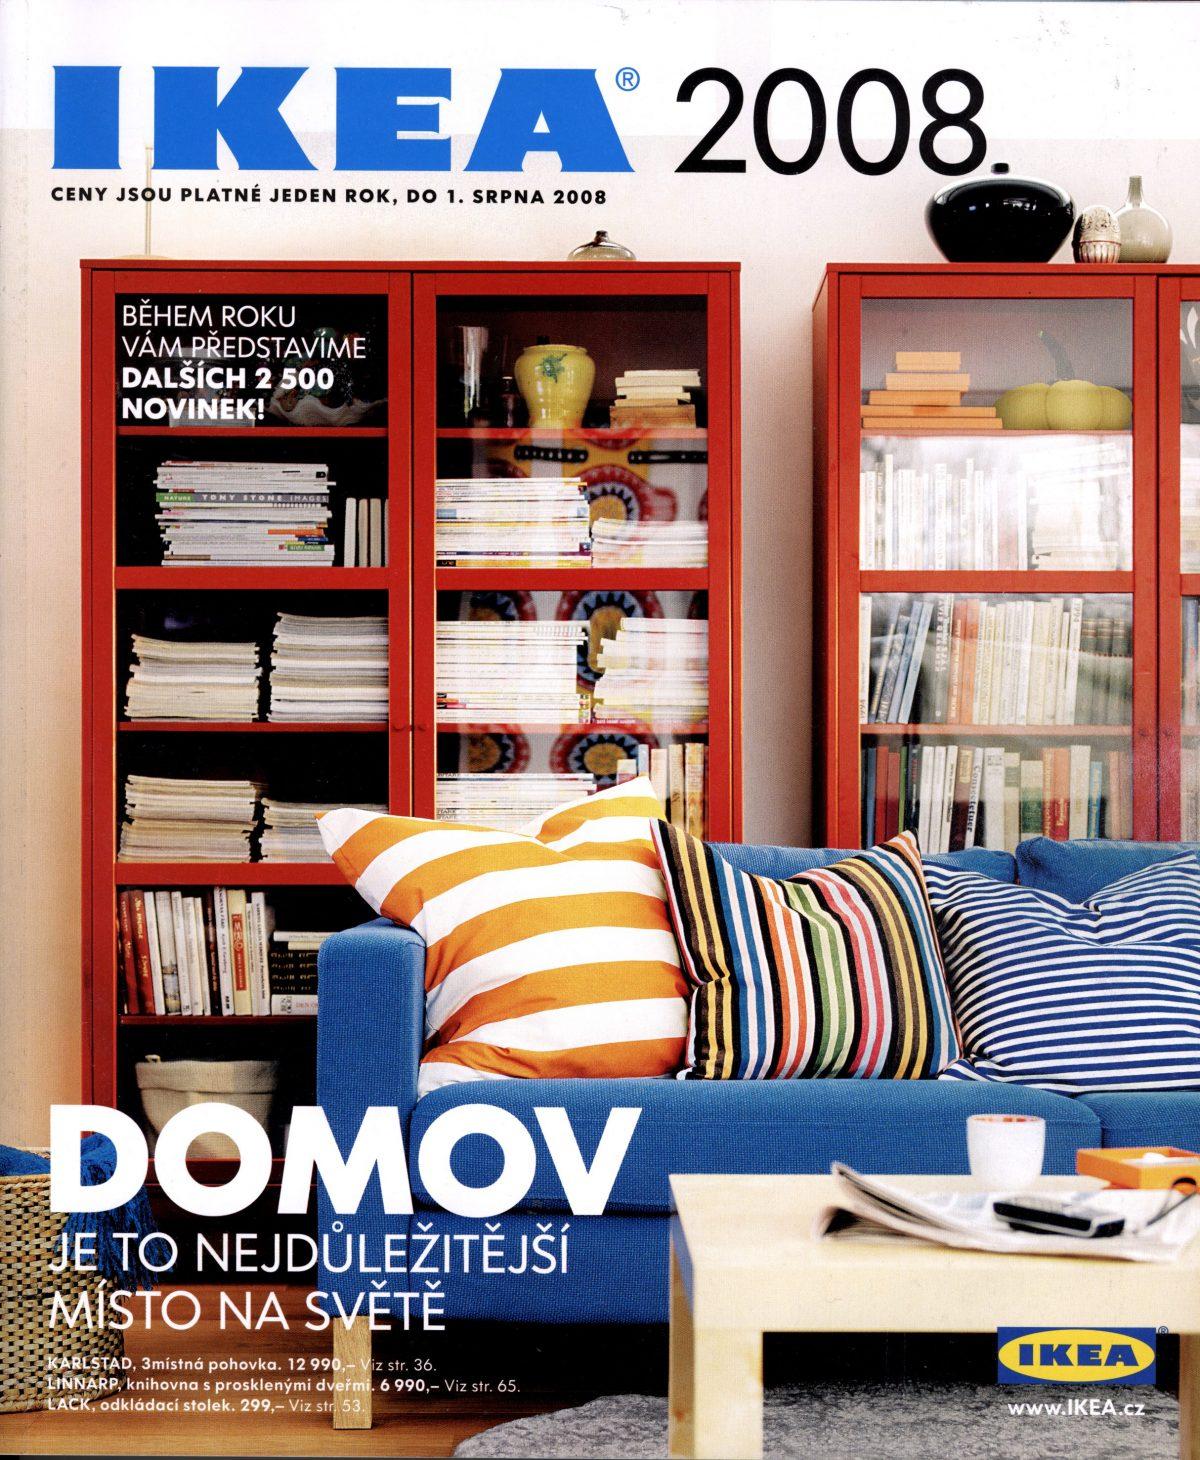 Vydání katalogu před deseti lety